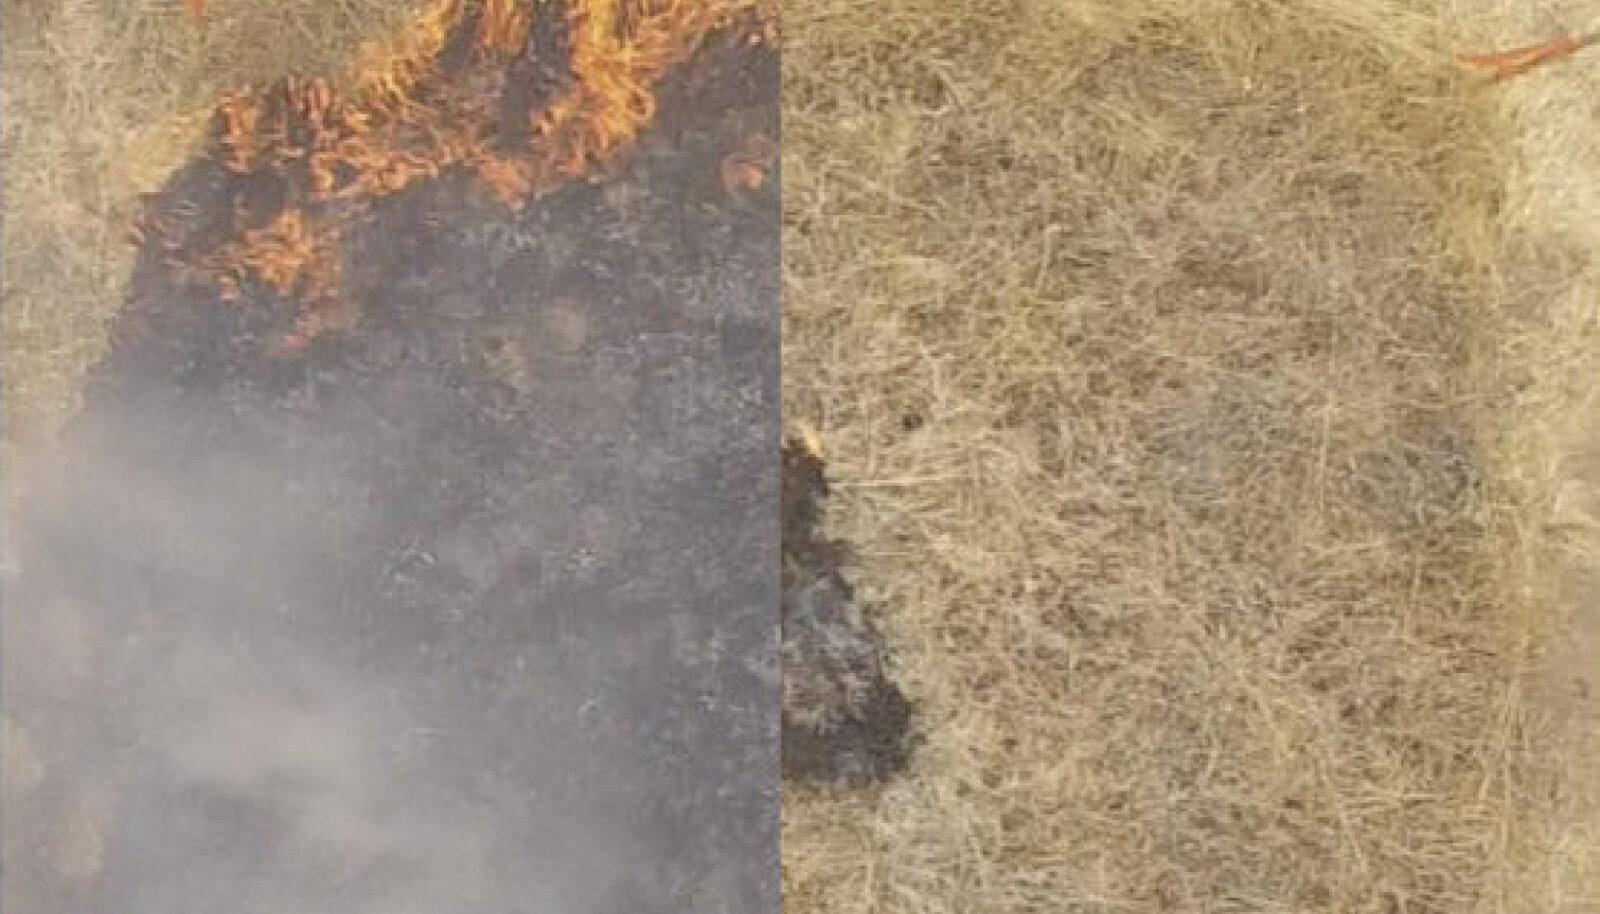 Californias läbi viidud testid näitasid, et geel pärsib tule levikut olulisel määral. Paremal geeliga töödeldud rohi, vasakul töötlemata ala pärast sama ajaperioodi.